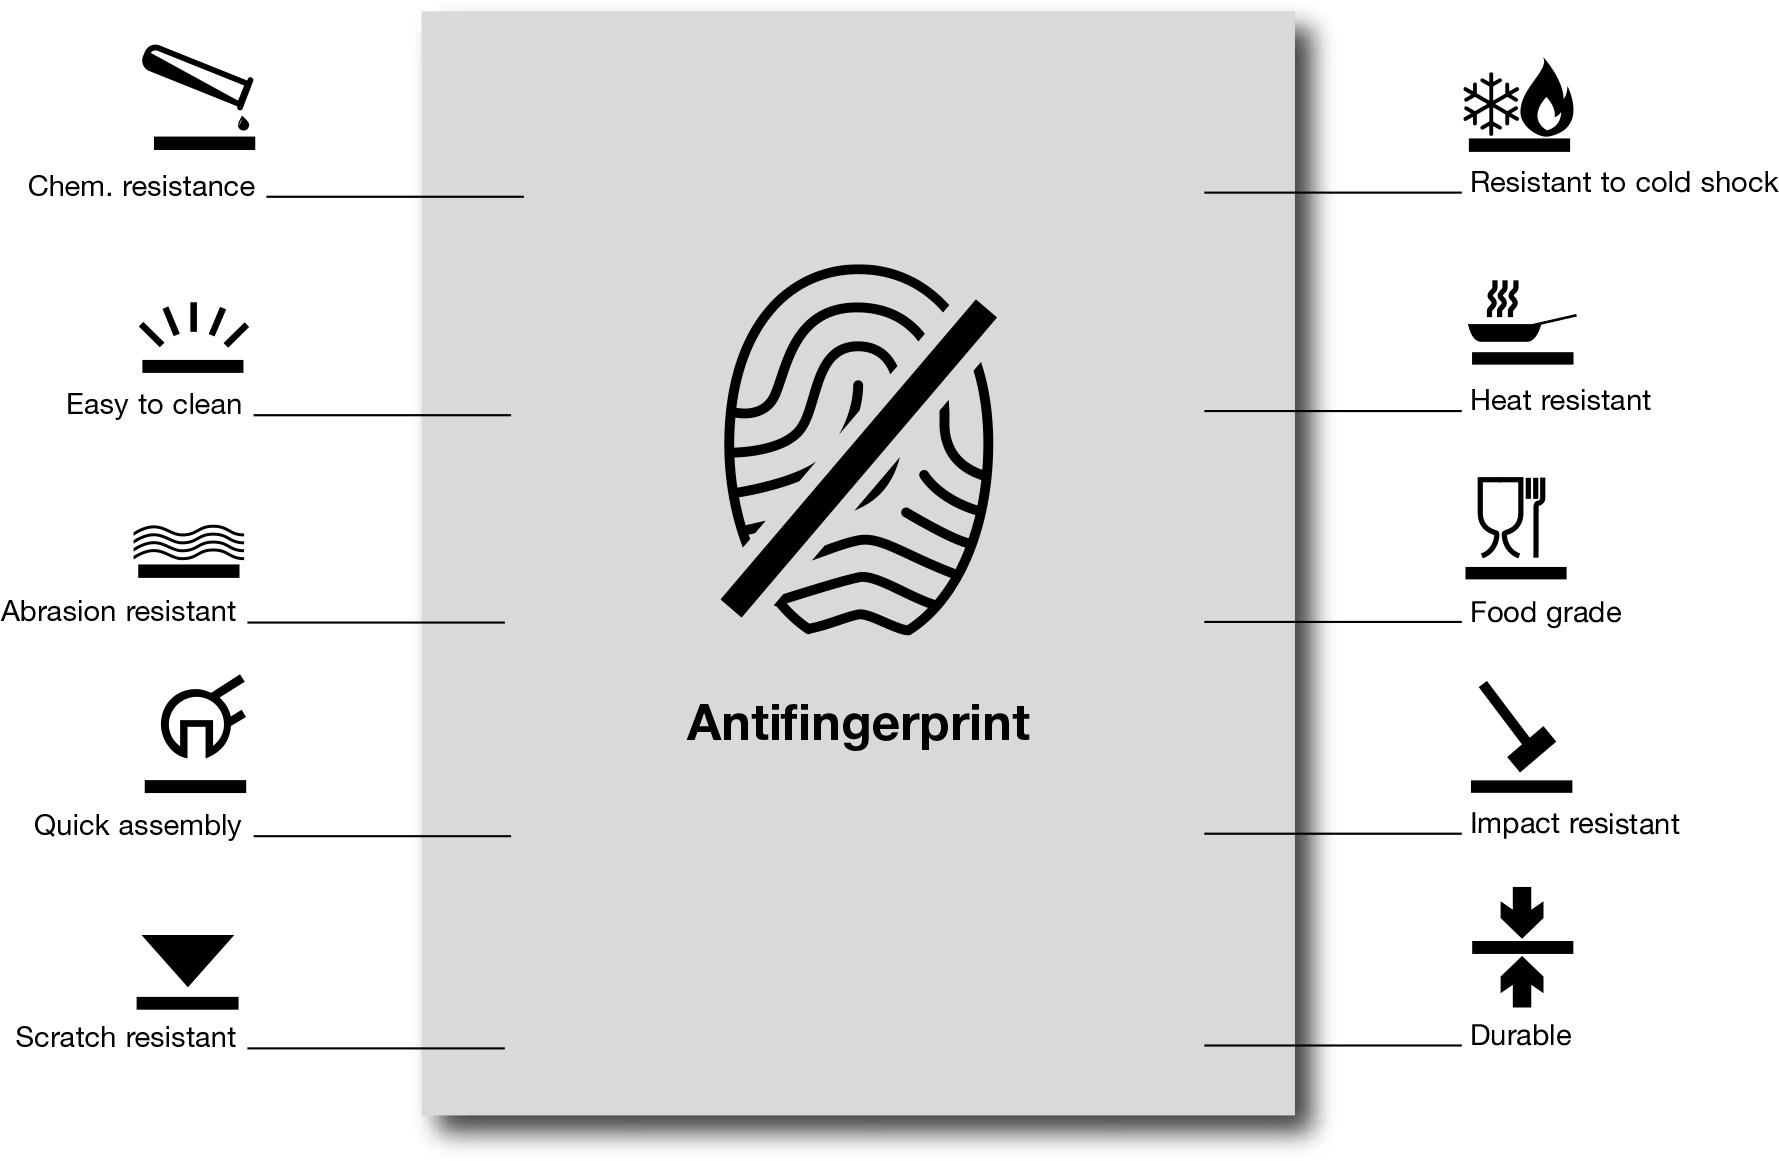 Aptico površina protiv otisaka prstiju - antifinger